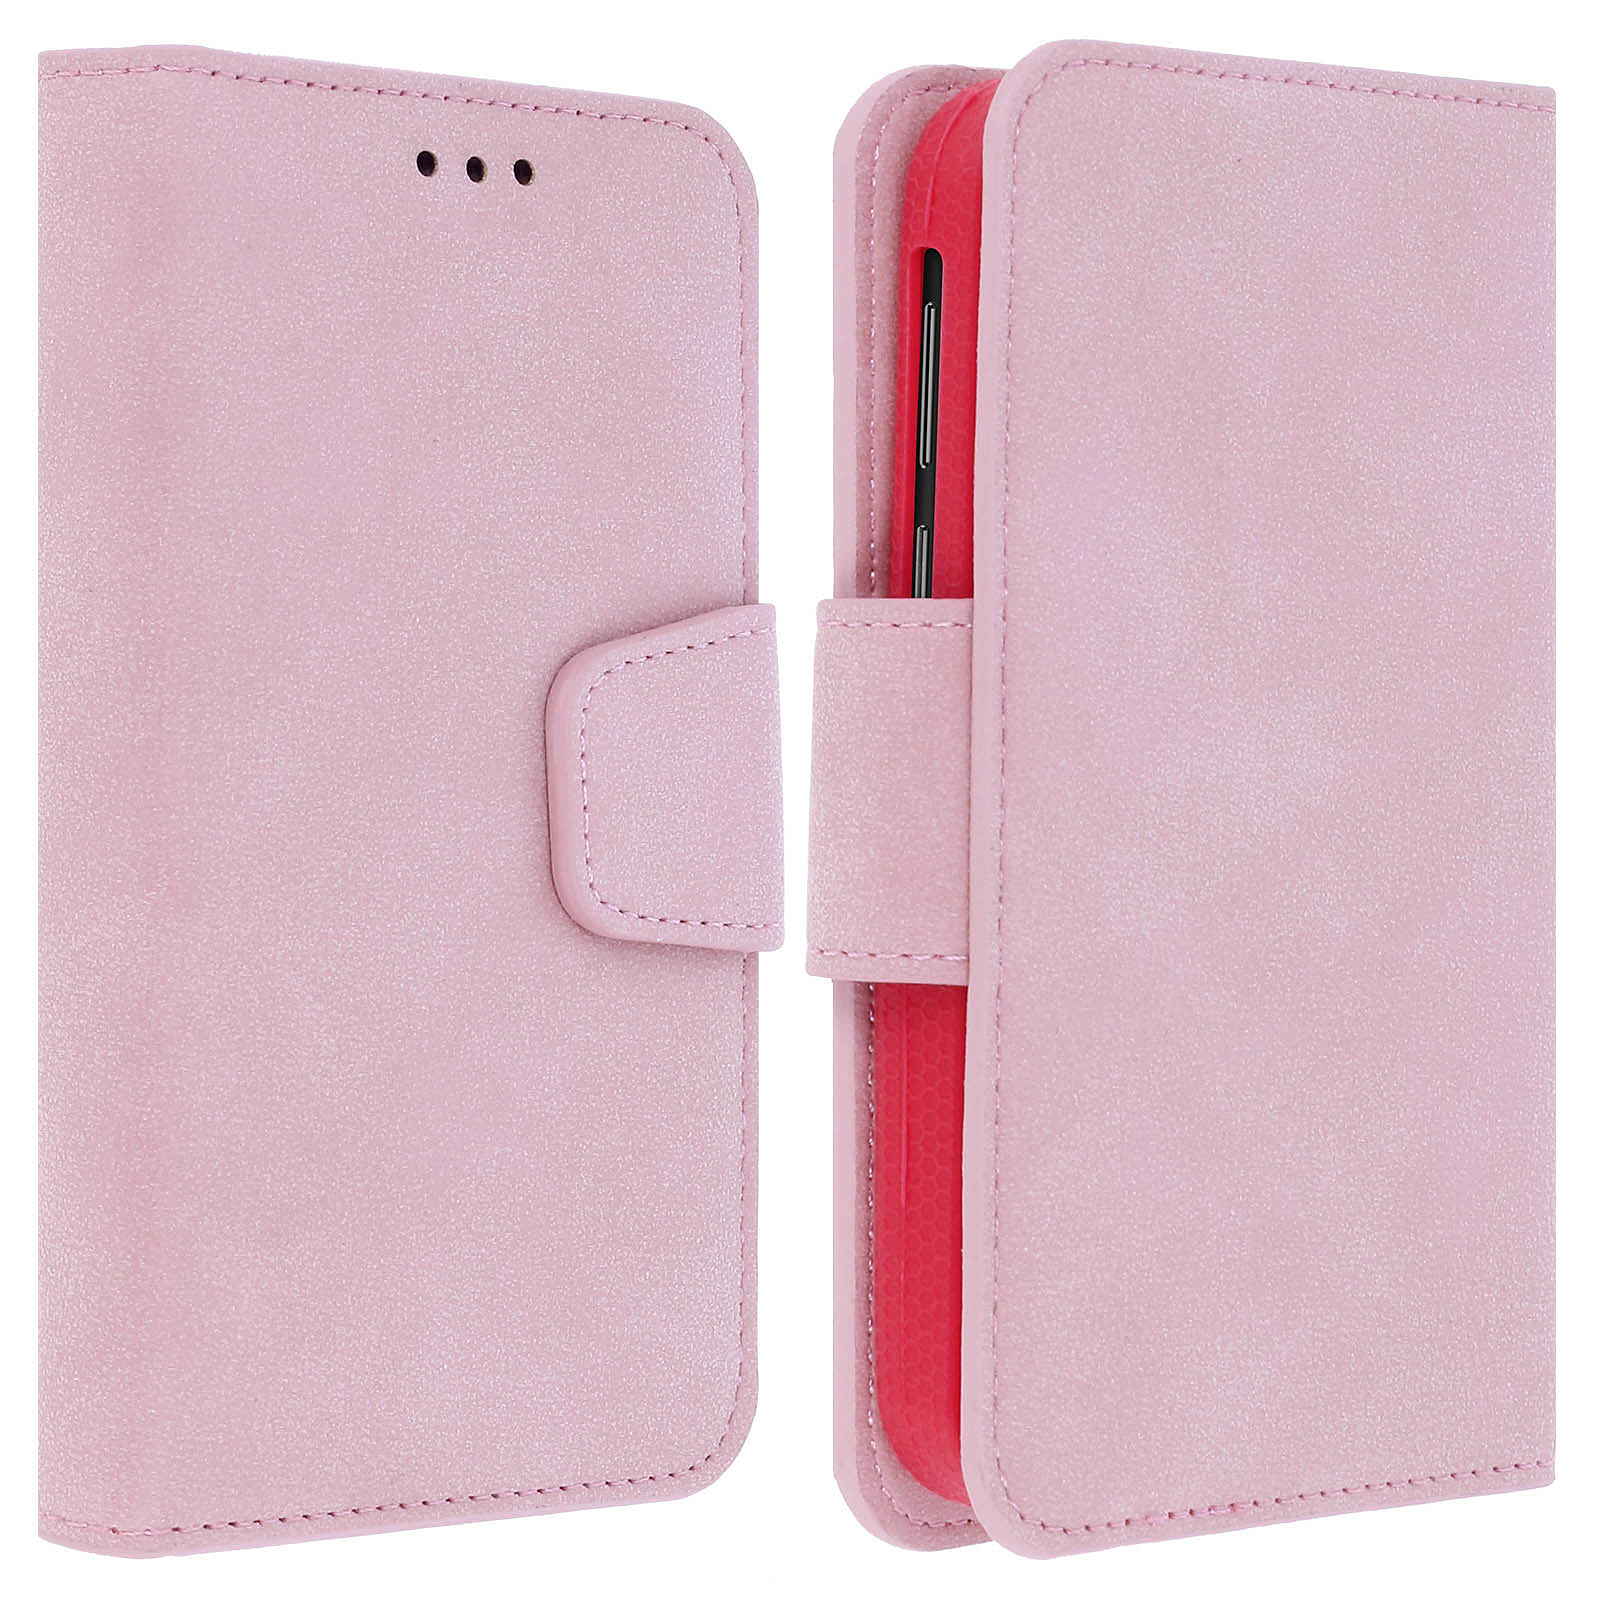 Avizar Etui folio Rose pour Tous les smartphones jusqu'à 5,5 pouces